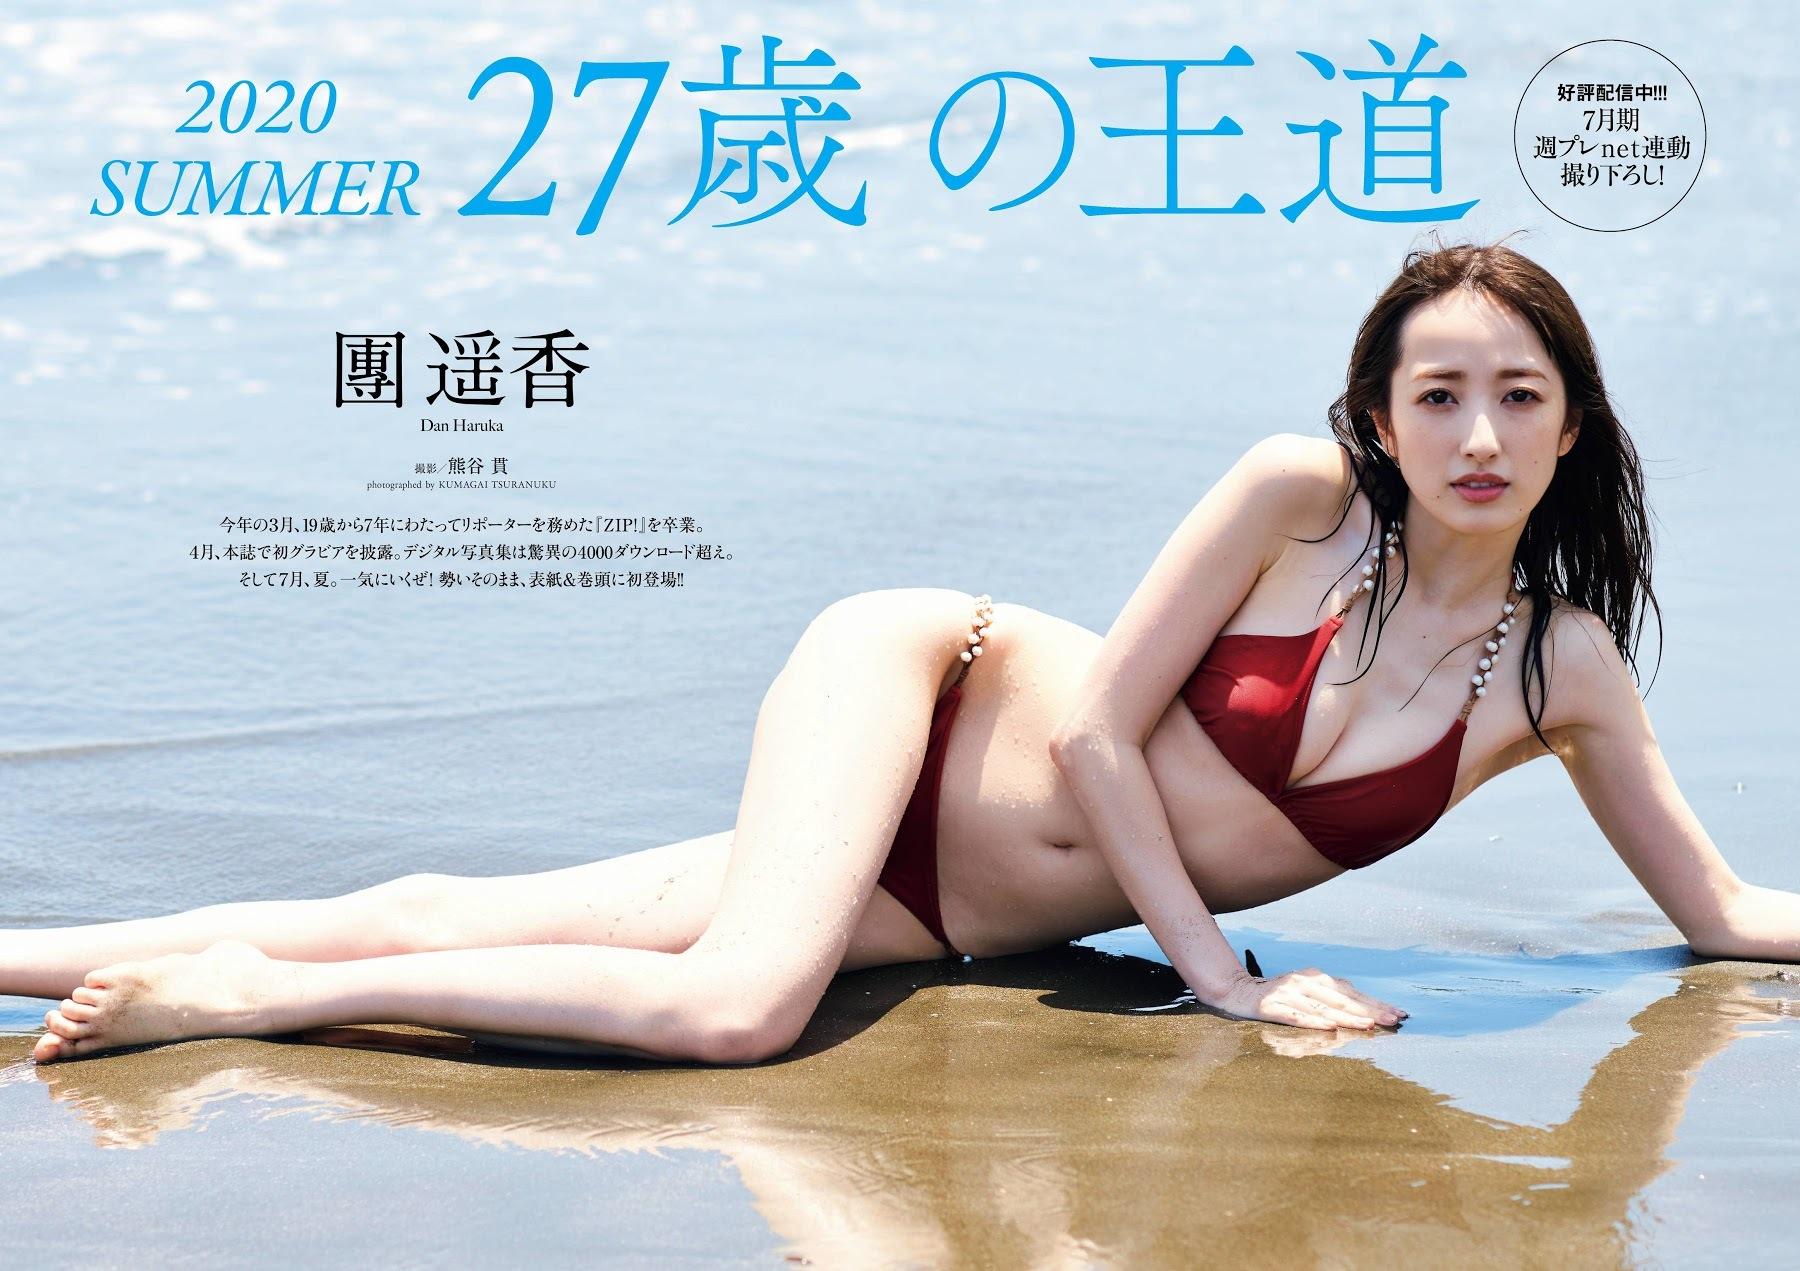 Haruka Dan Dan swimsuit gravure 27 years old Royal road former Zip002